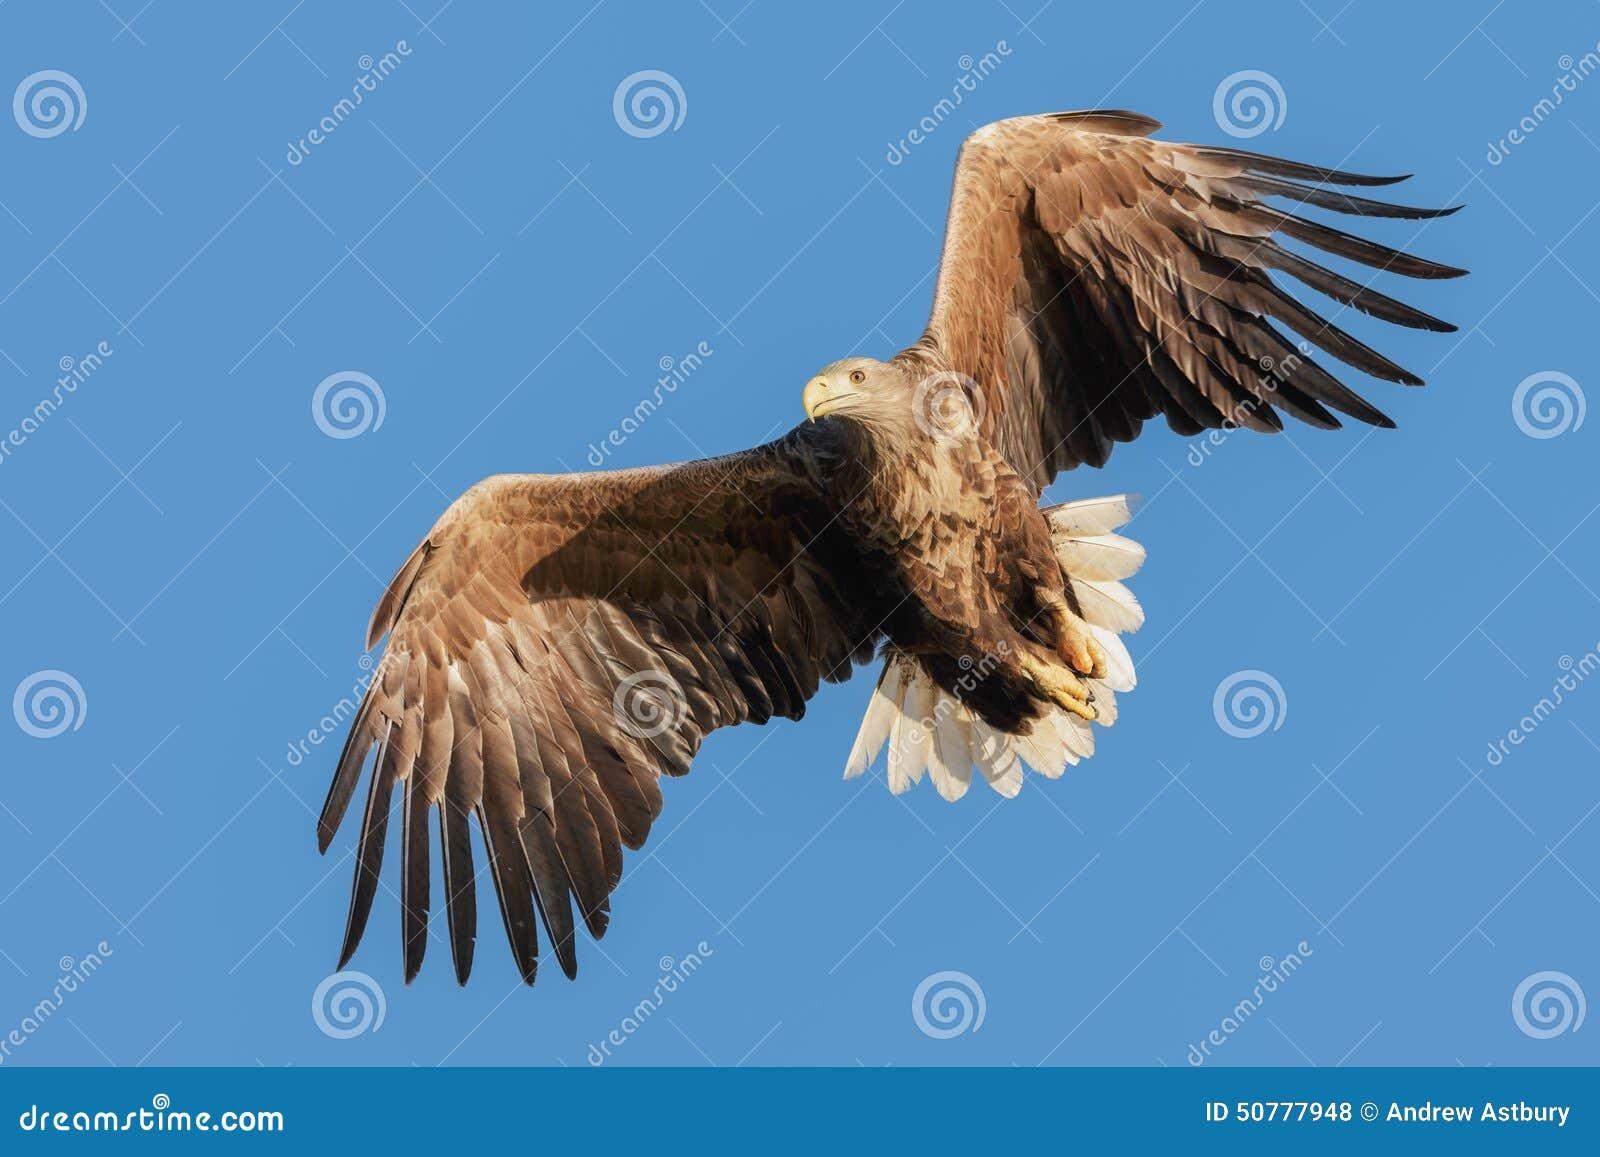 Jagd-Meer Eagle